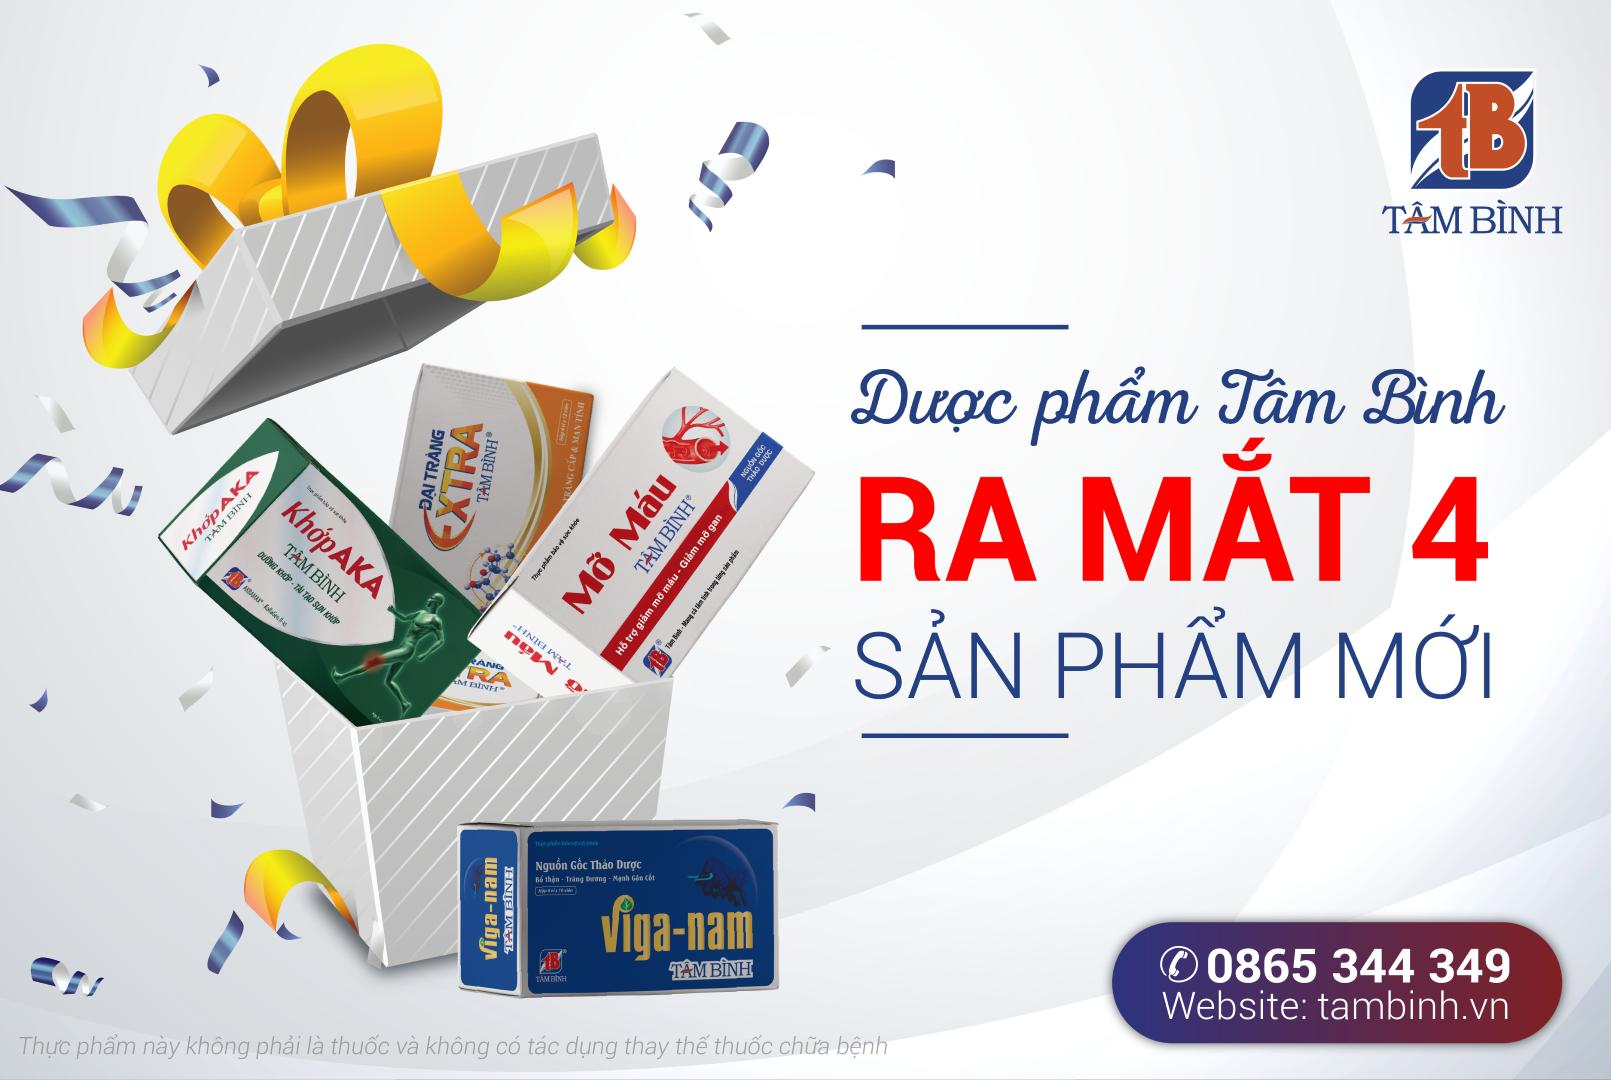 Công ty Dược phẩm Tâm Bình ra mắt 4 sản phẩm mới